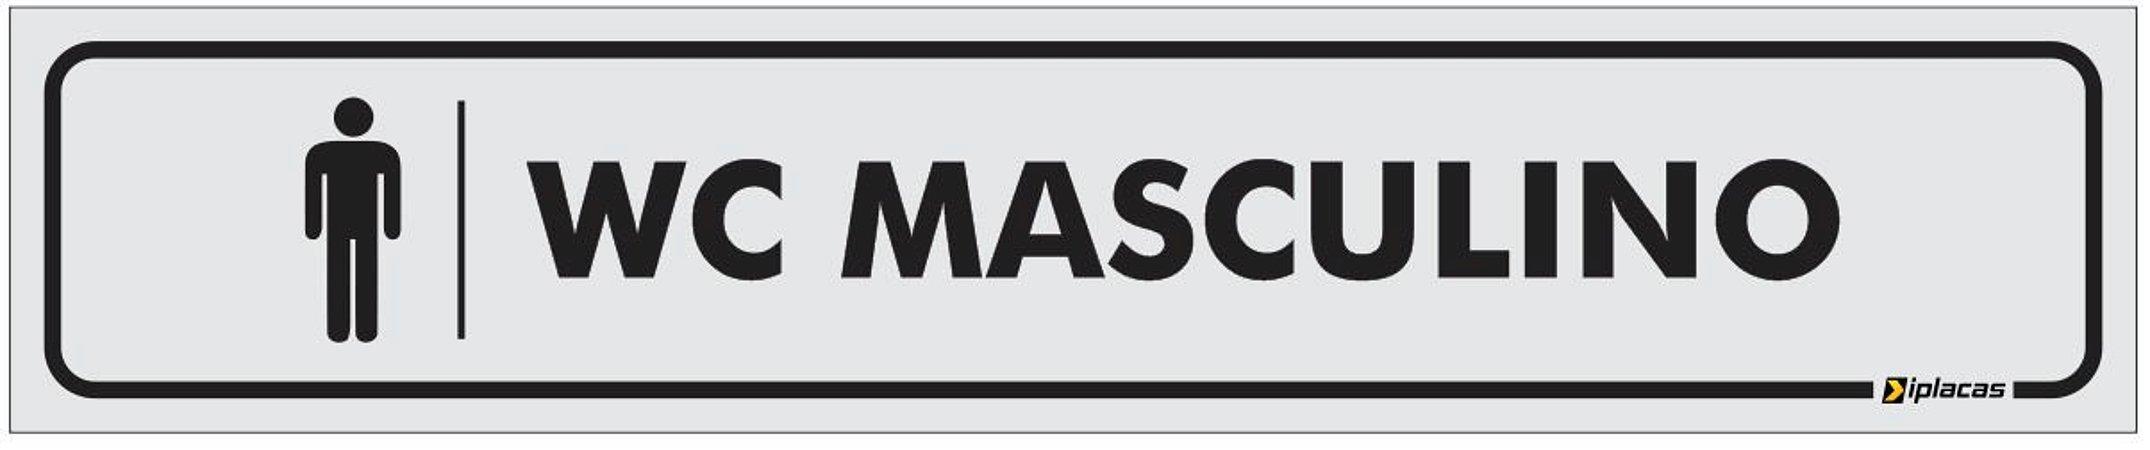 Placa Identificação - WC Masculino - 25x5cm